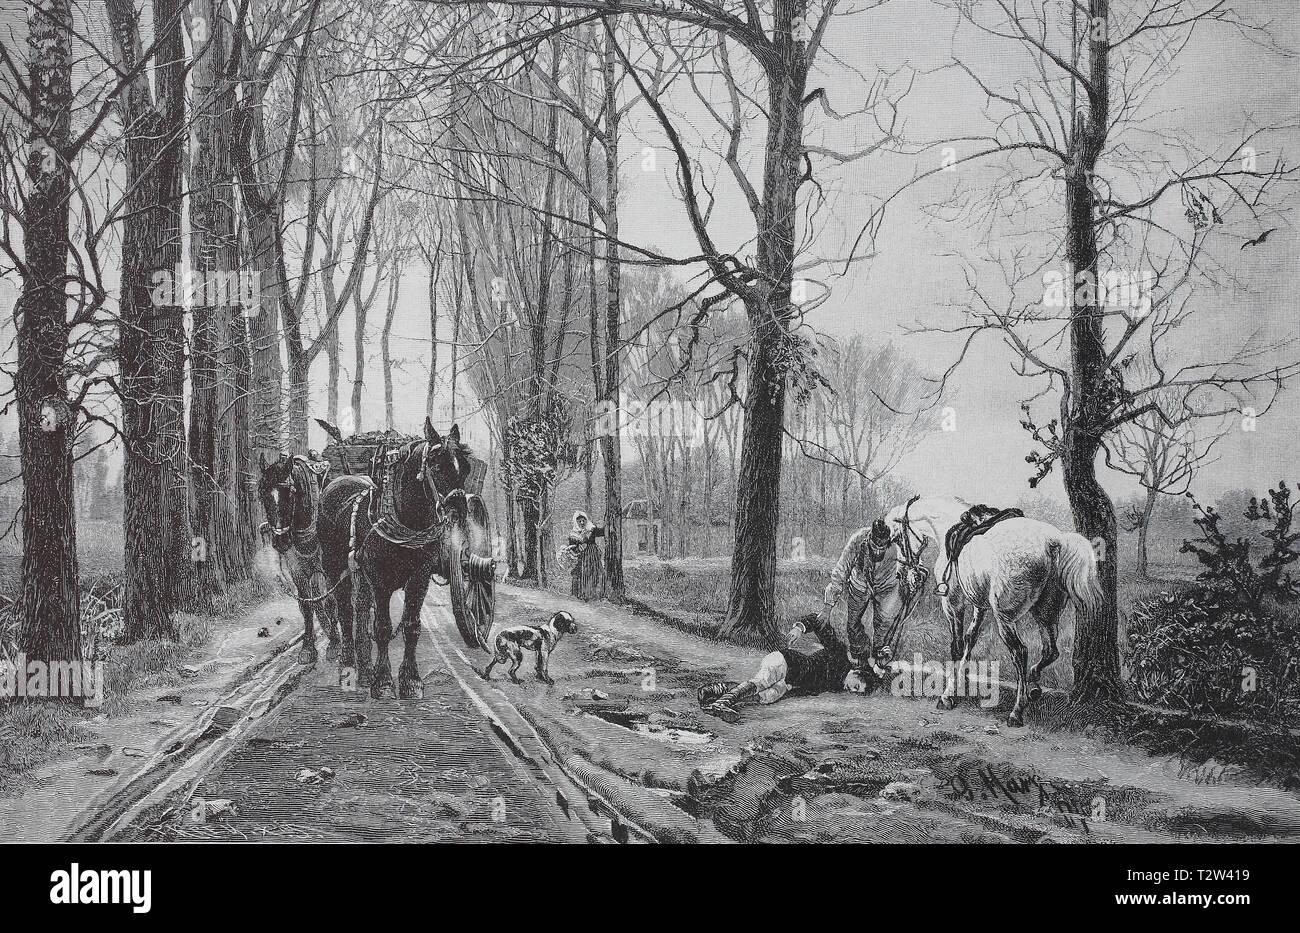 Overthrown, a rider has liked from the horse and a coachman tried him to help, Gestürzt, ein Reiter ist vom Pferd gefallen und ein Kutscher versucht ihm zu helfen - Stock Image